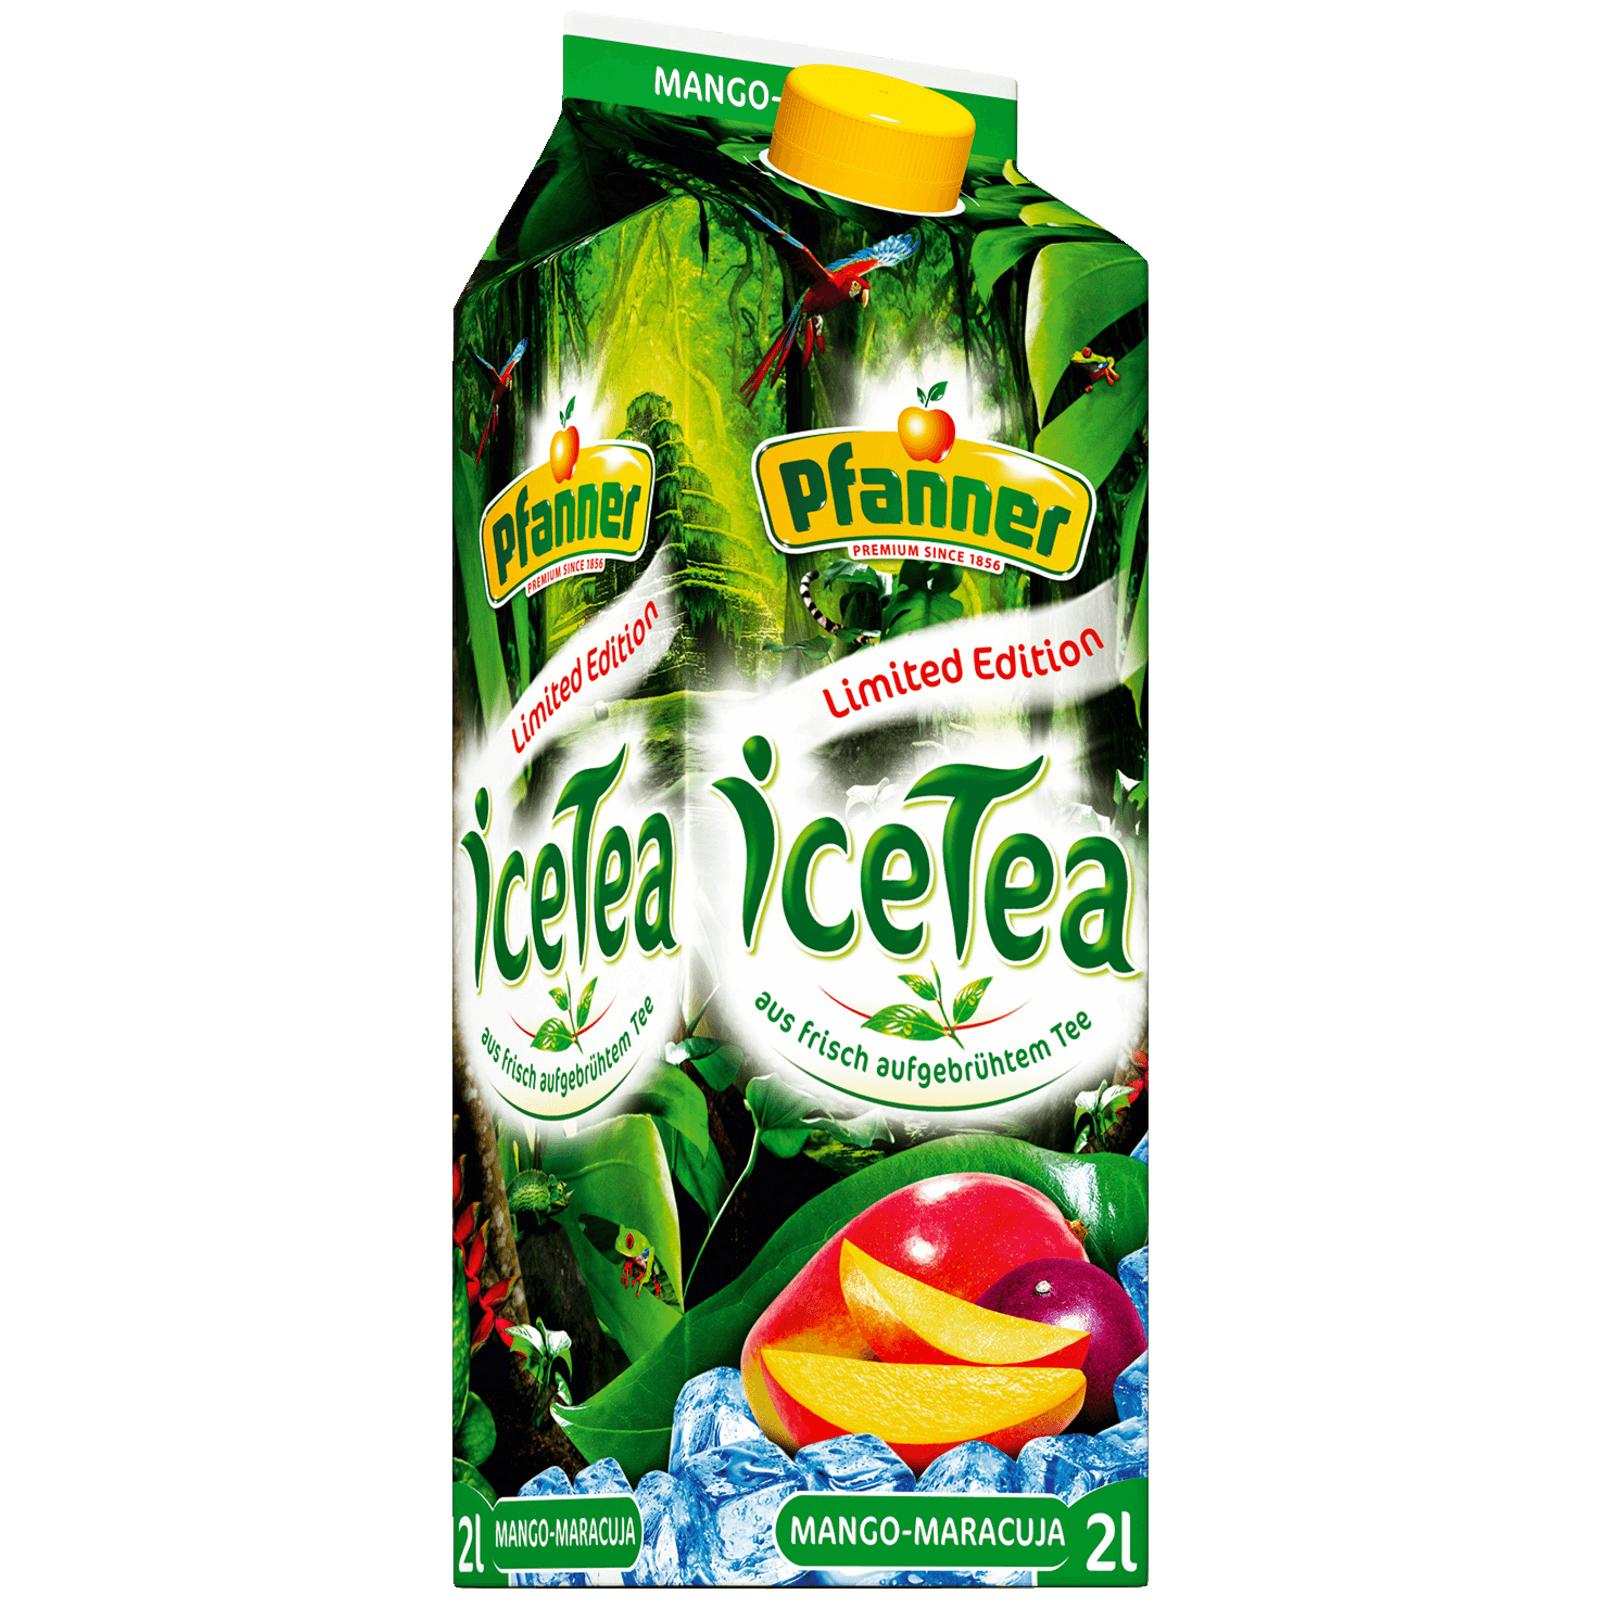 [Aldi Nord & Süd] Pfanner Ice Tea versch. Sorten für 0,99€ ab 07.04.